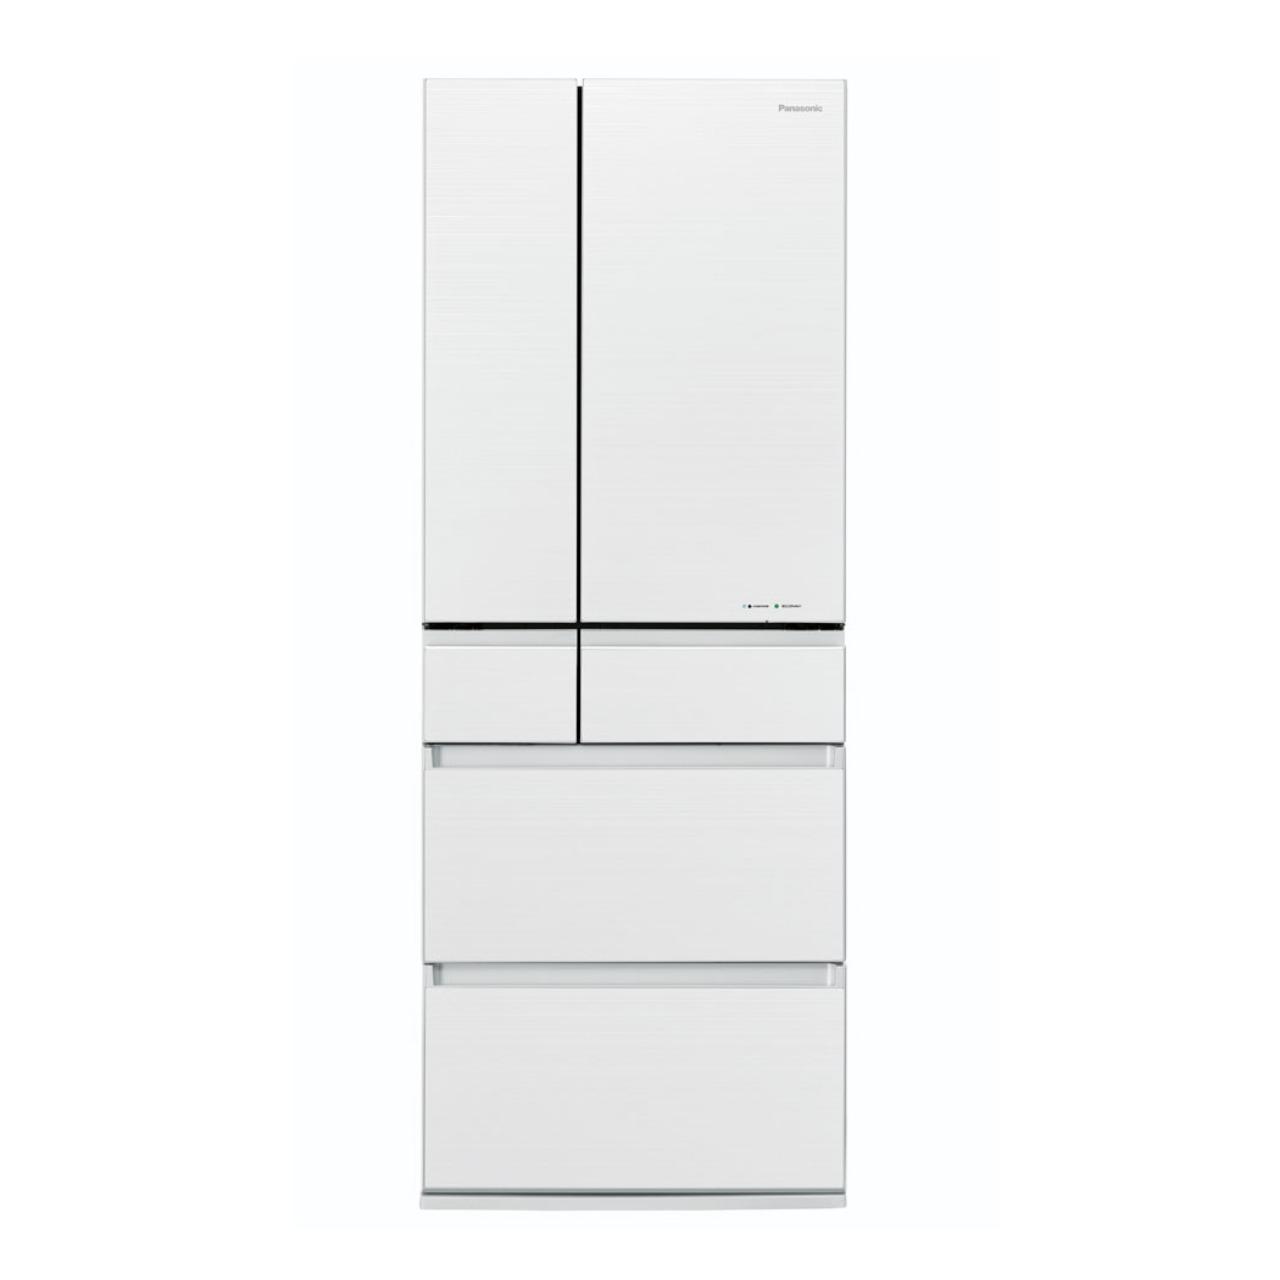 パナソニックNR-F553HPX冷蔵庫